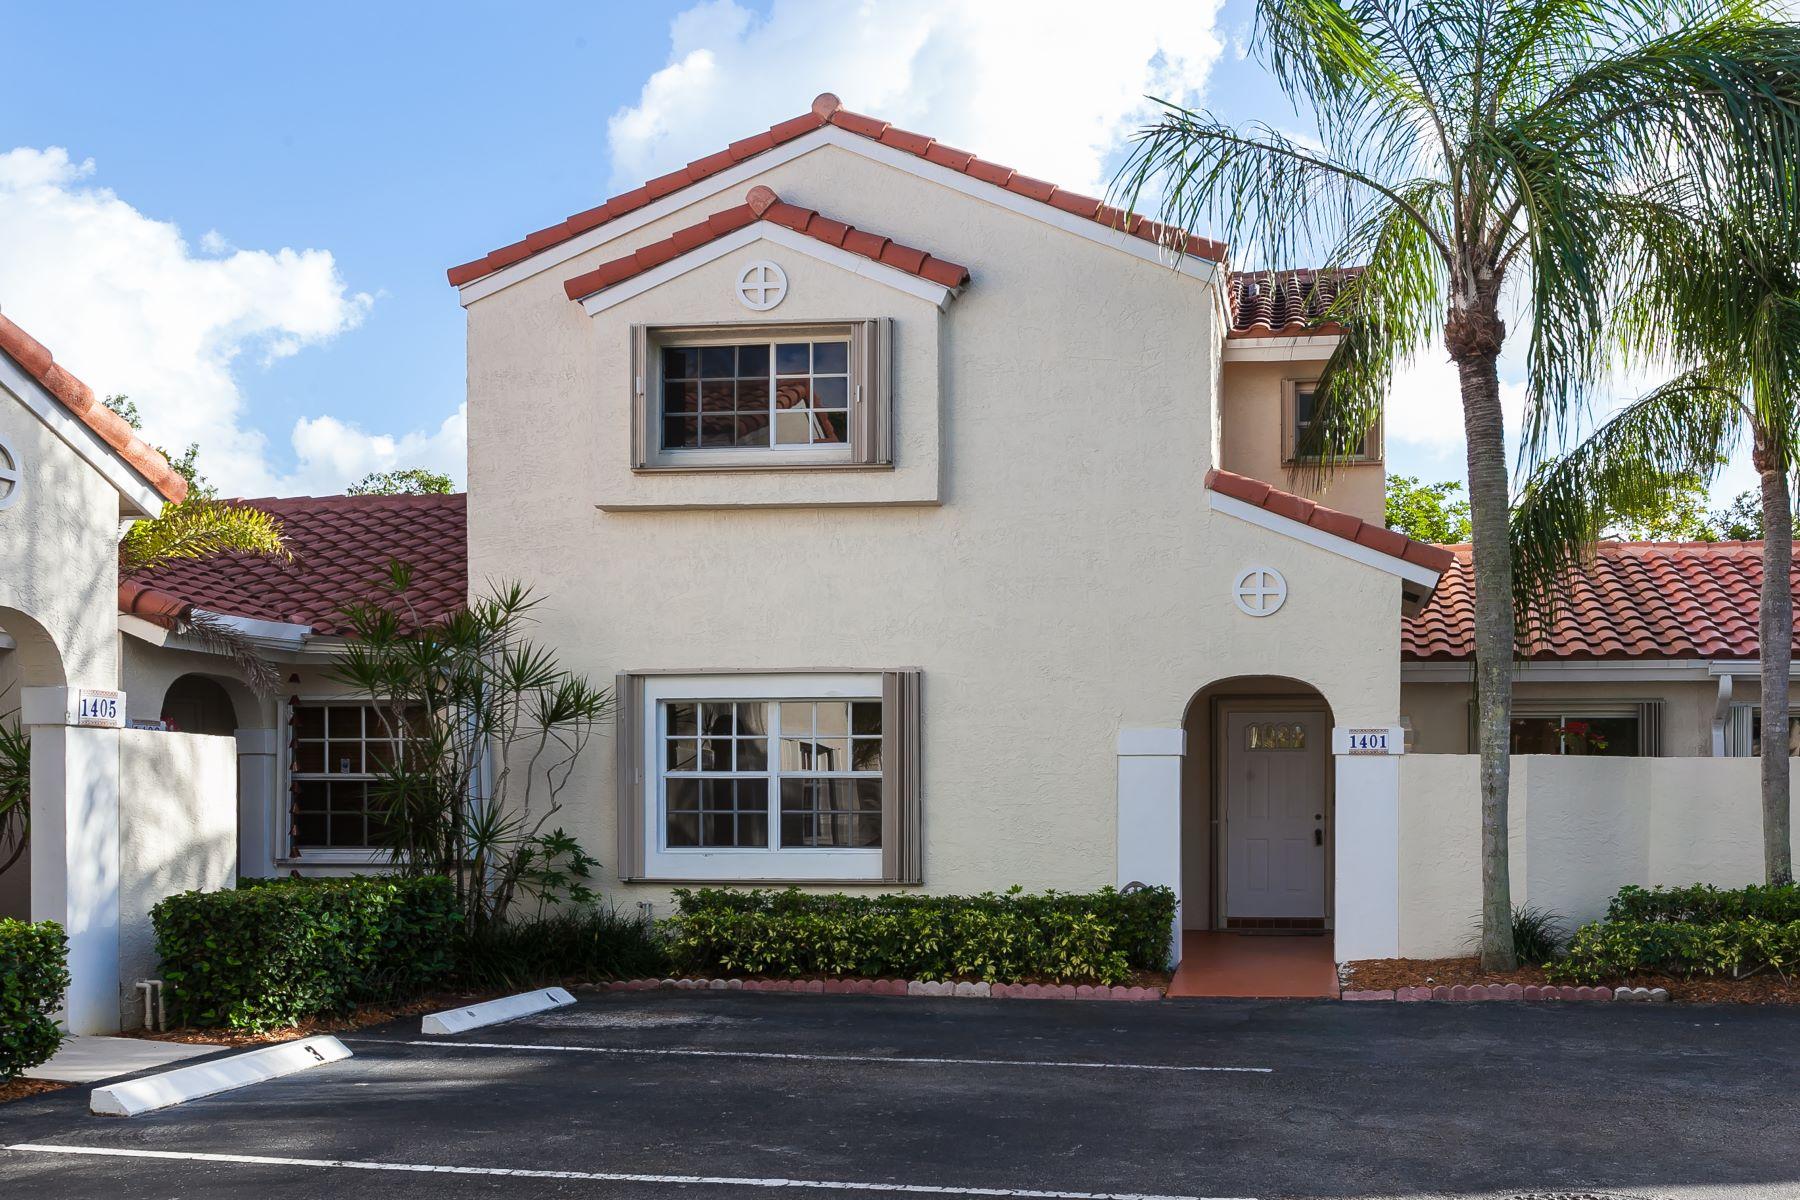 Townhouse for Rent at 1401 Springside Dr 1401 Springside Dr 1401 Weston, Florida 33326 United States